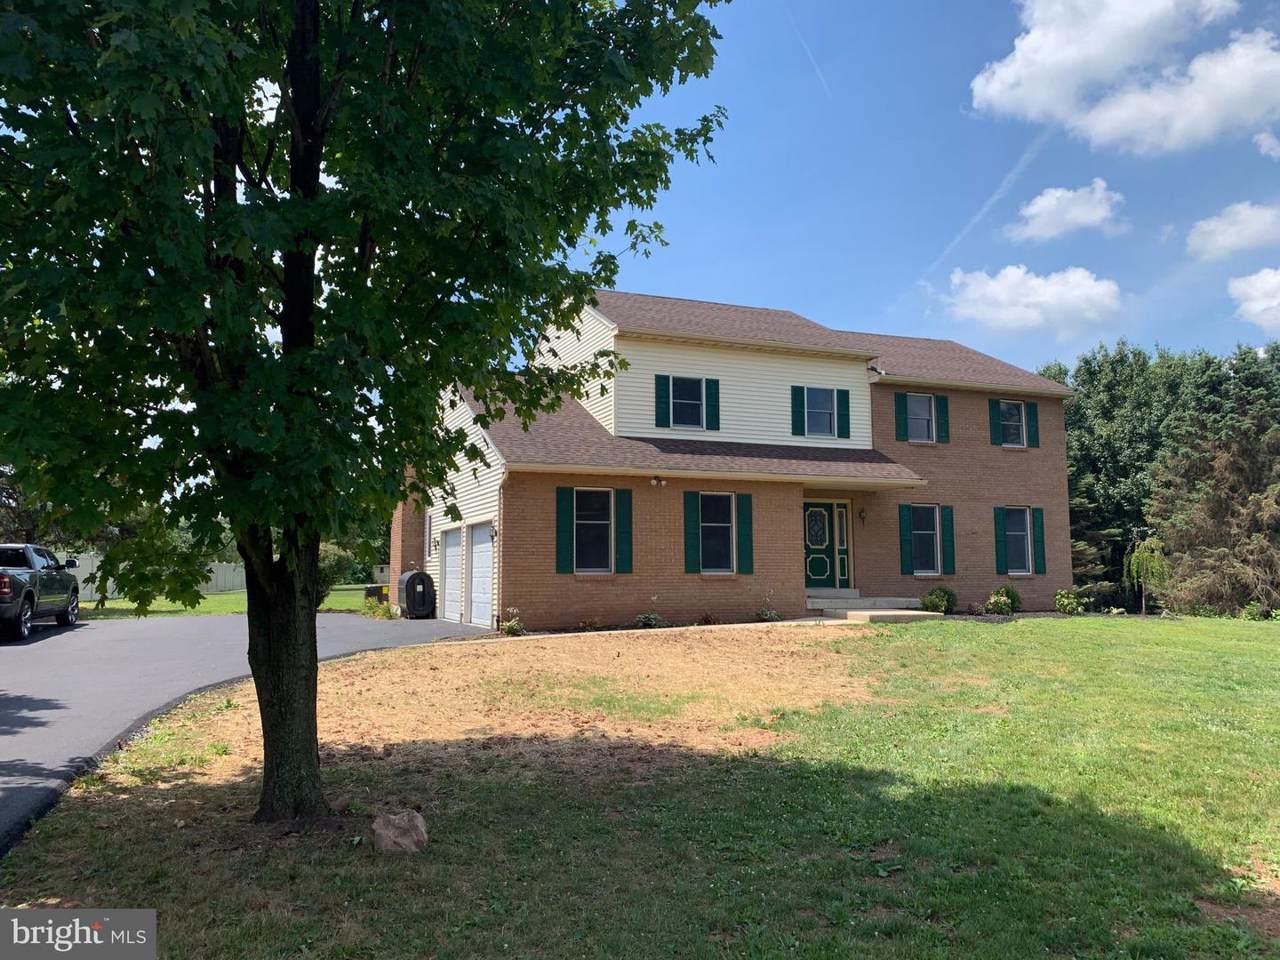 383 Mennonite Road - Photo 1